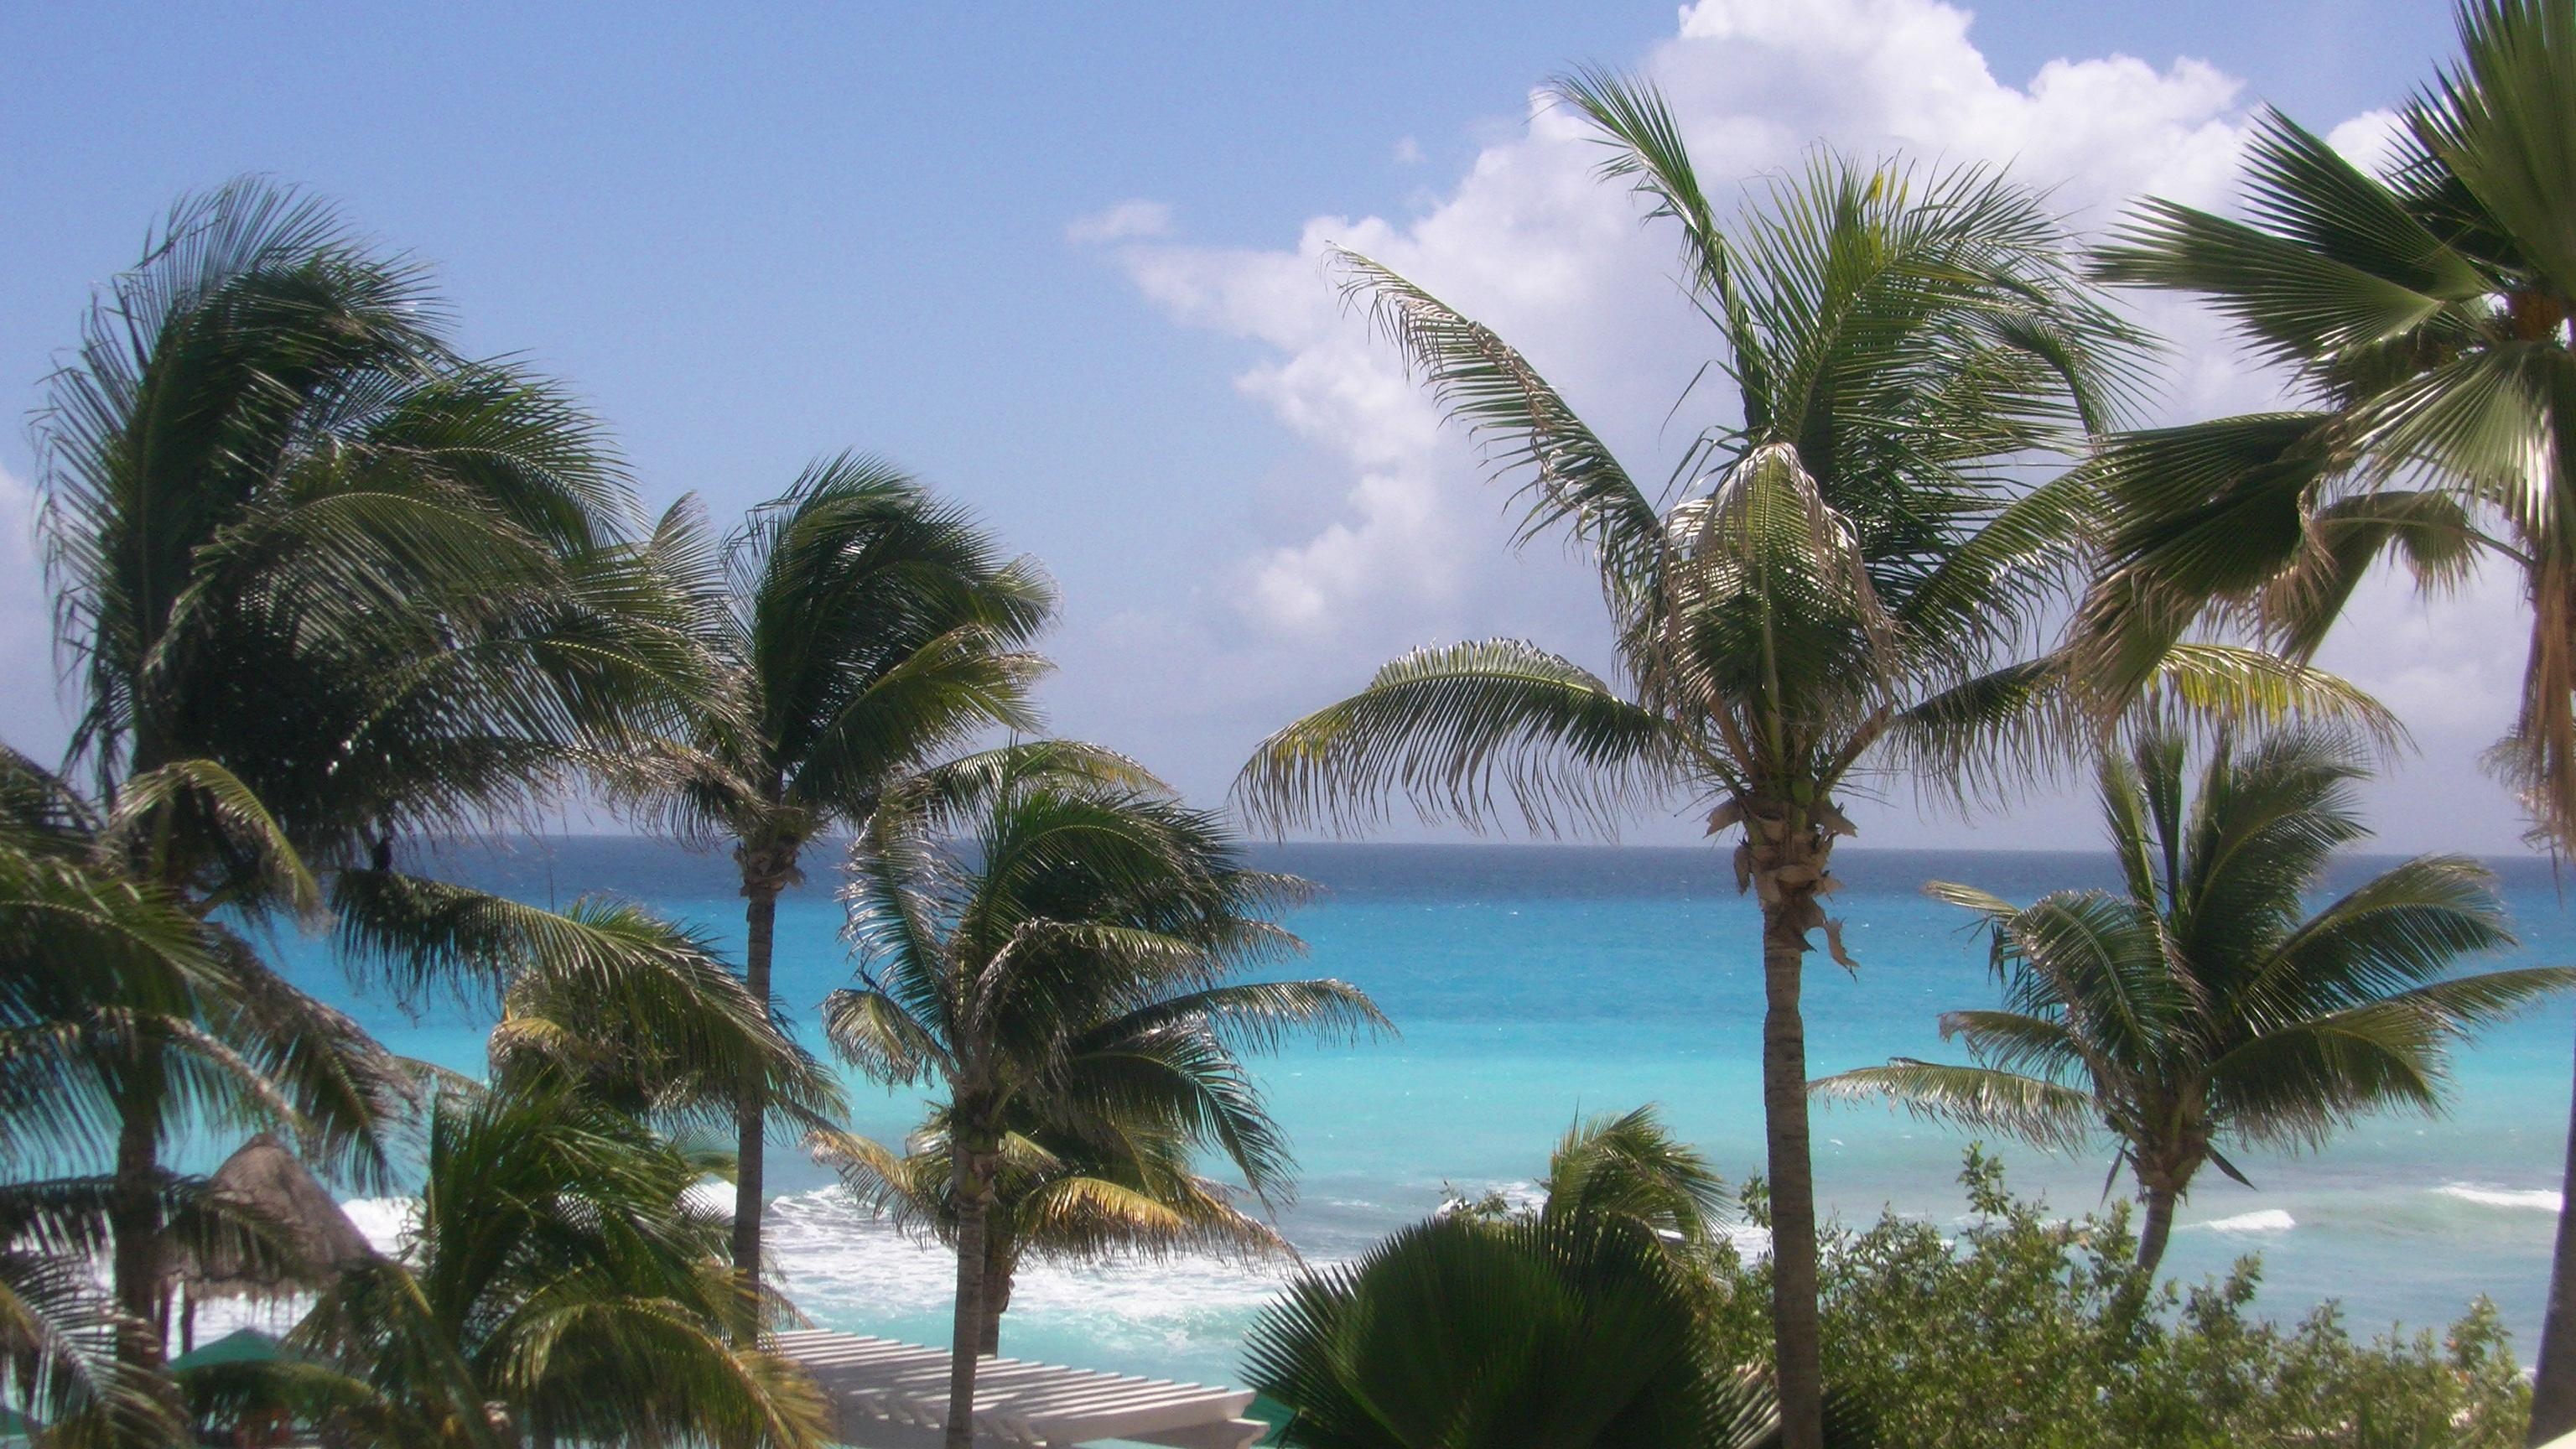 Wallpaper Hd De Cancun: Cancun Wallpaper Desktop